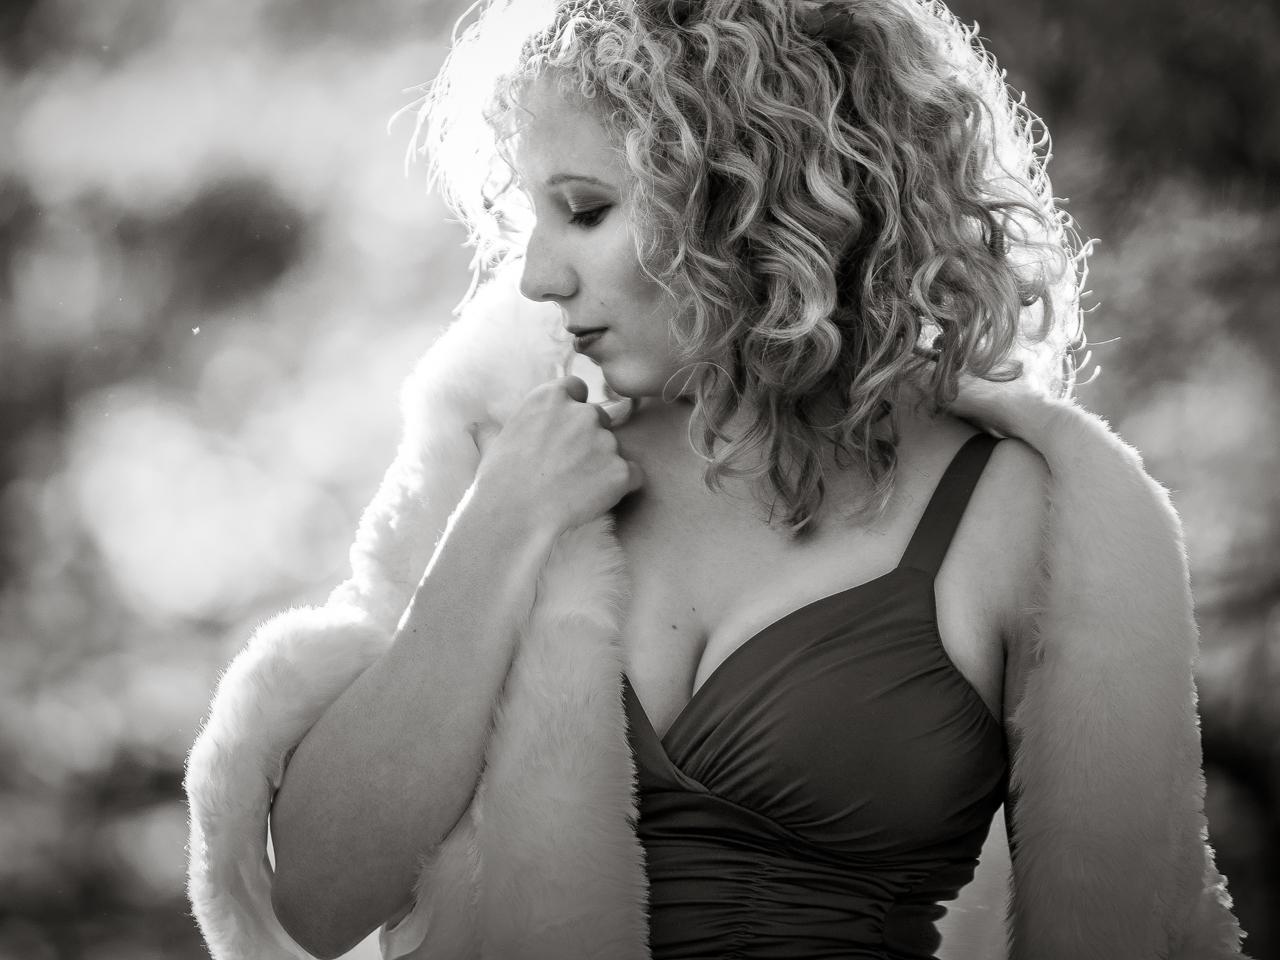 Michelle Lazur Portrait Photographer in Ligonier, PA